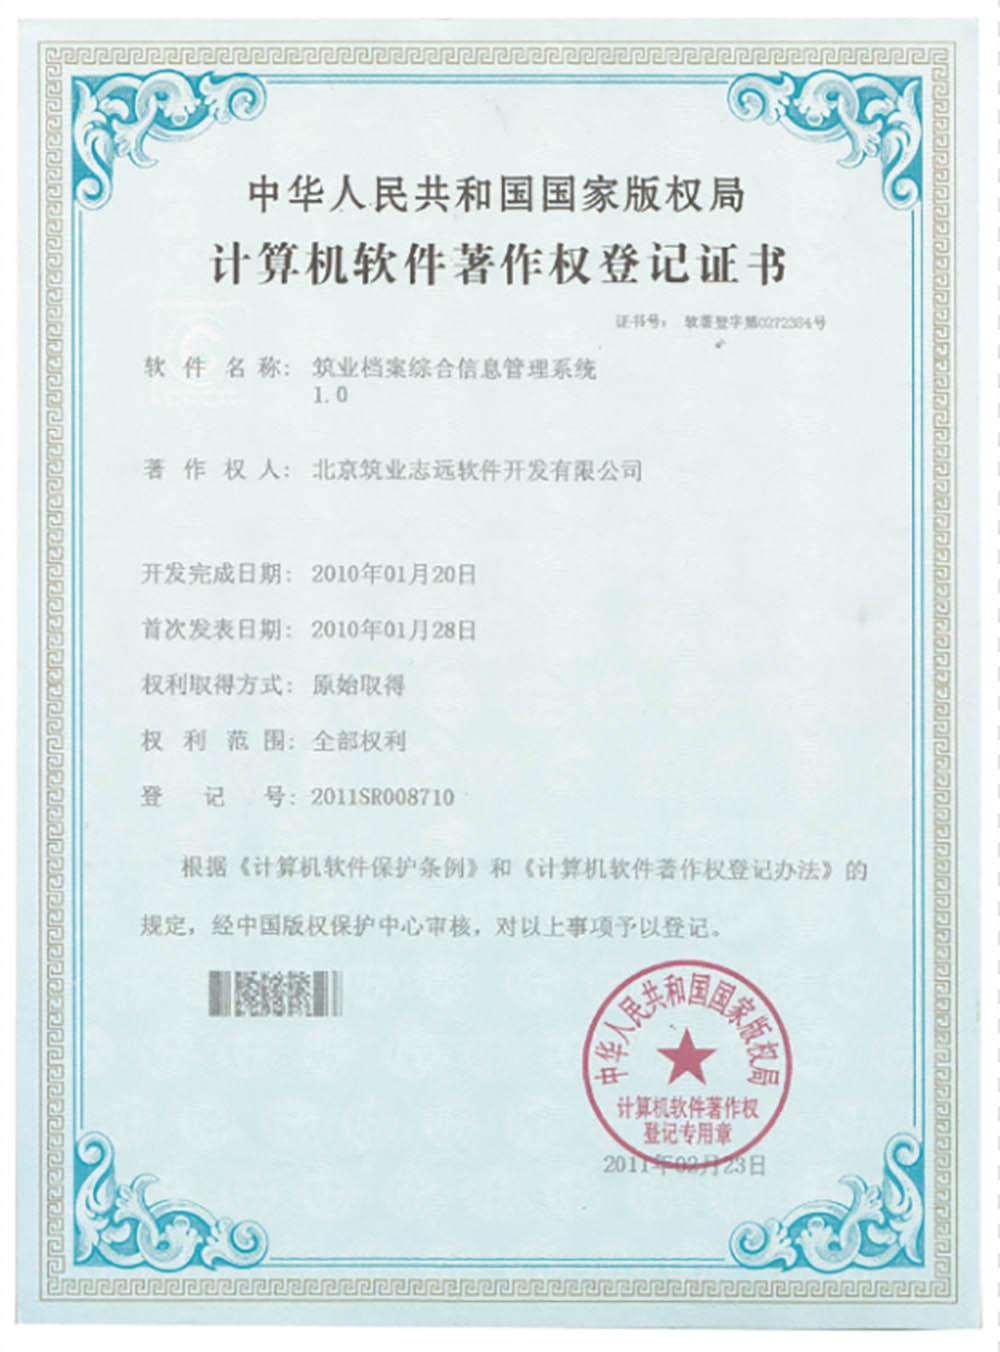 筑业档案综合管理信息系统